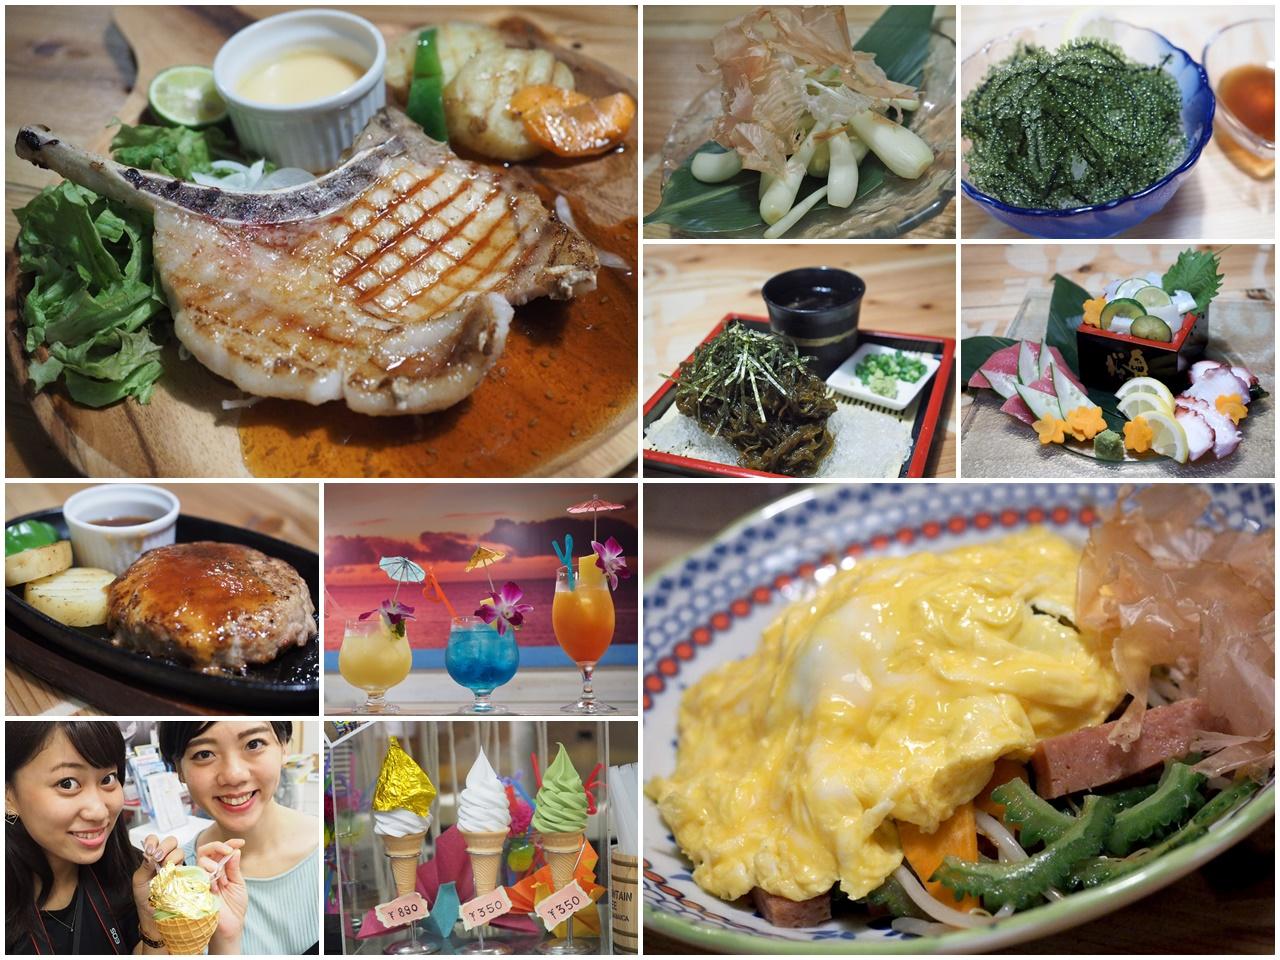 沖繩美食:國際通 ROUTE29居酒屋,沖繩料理